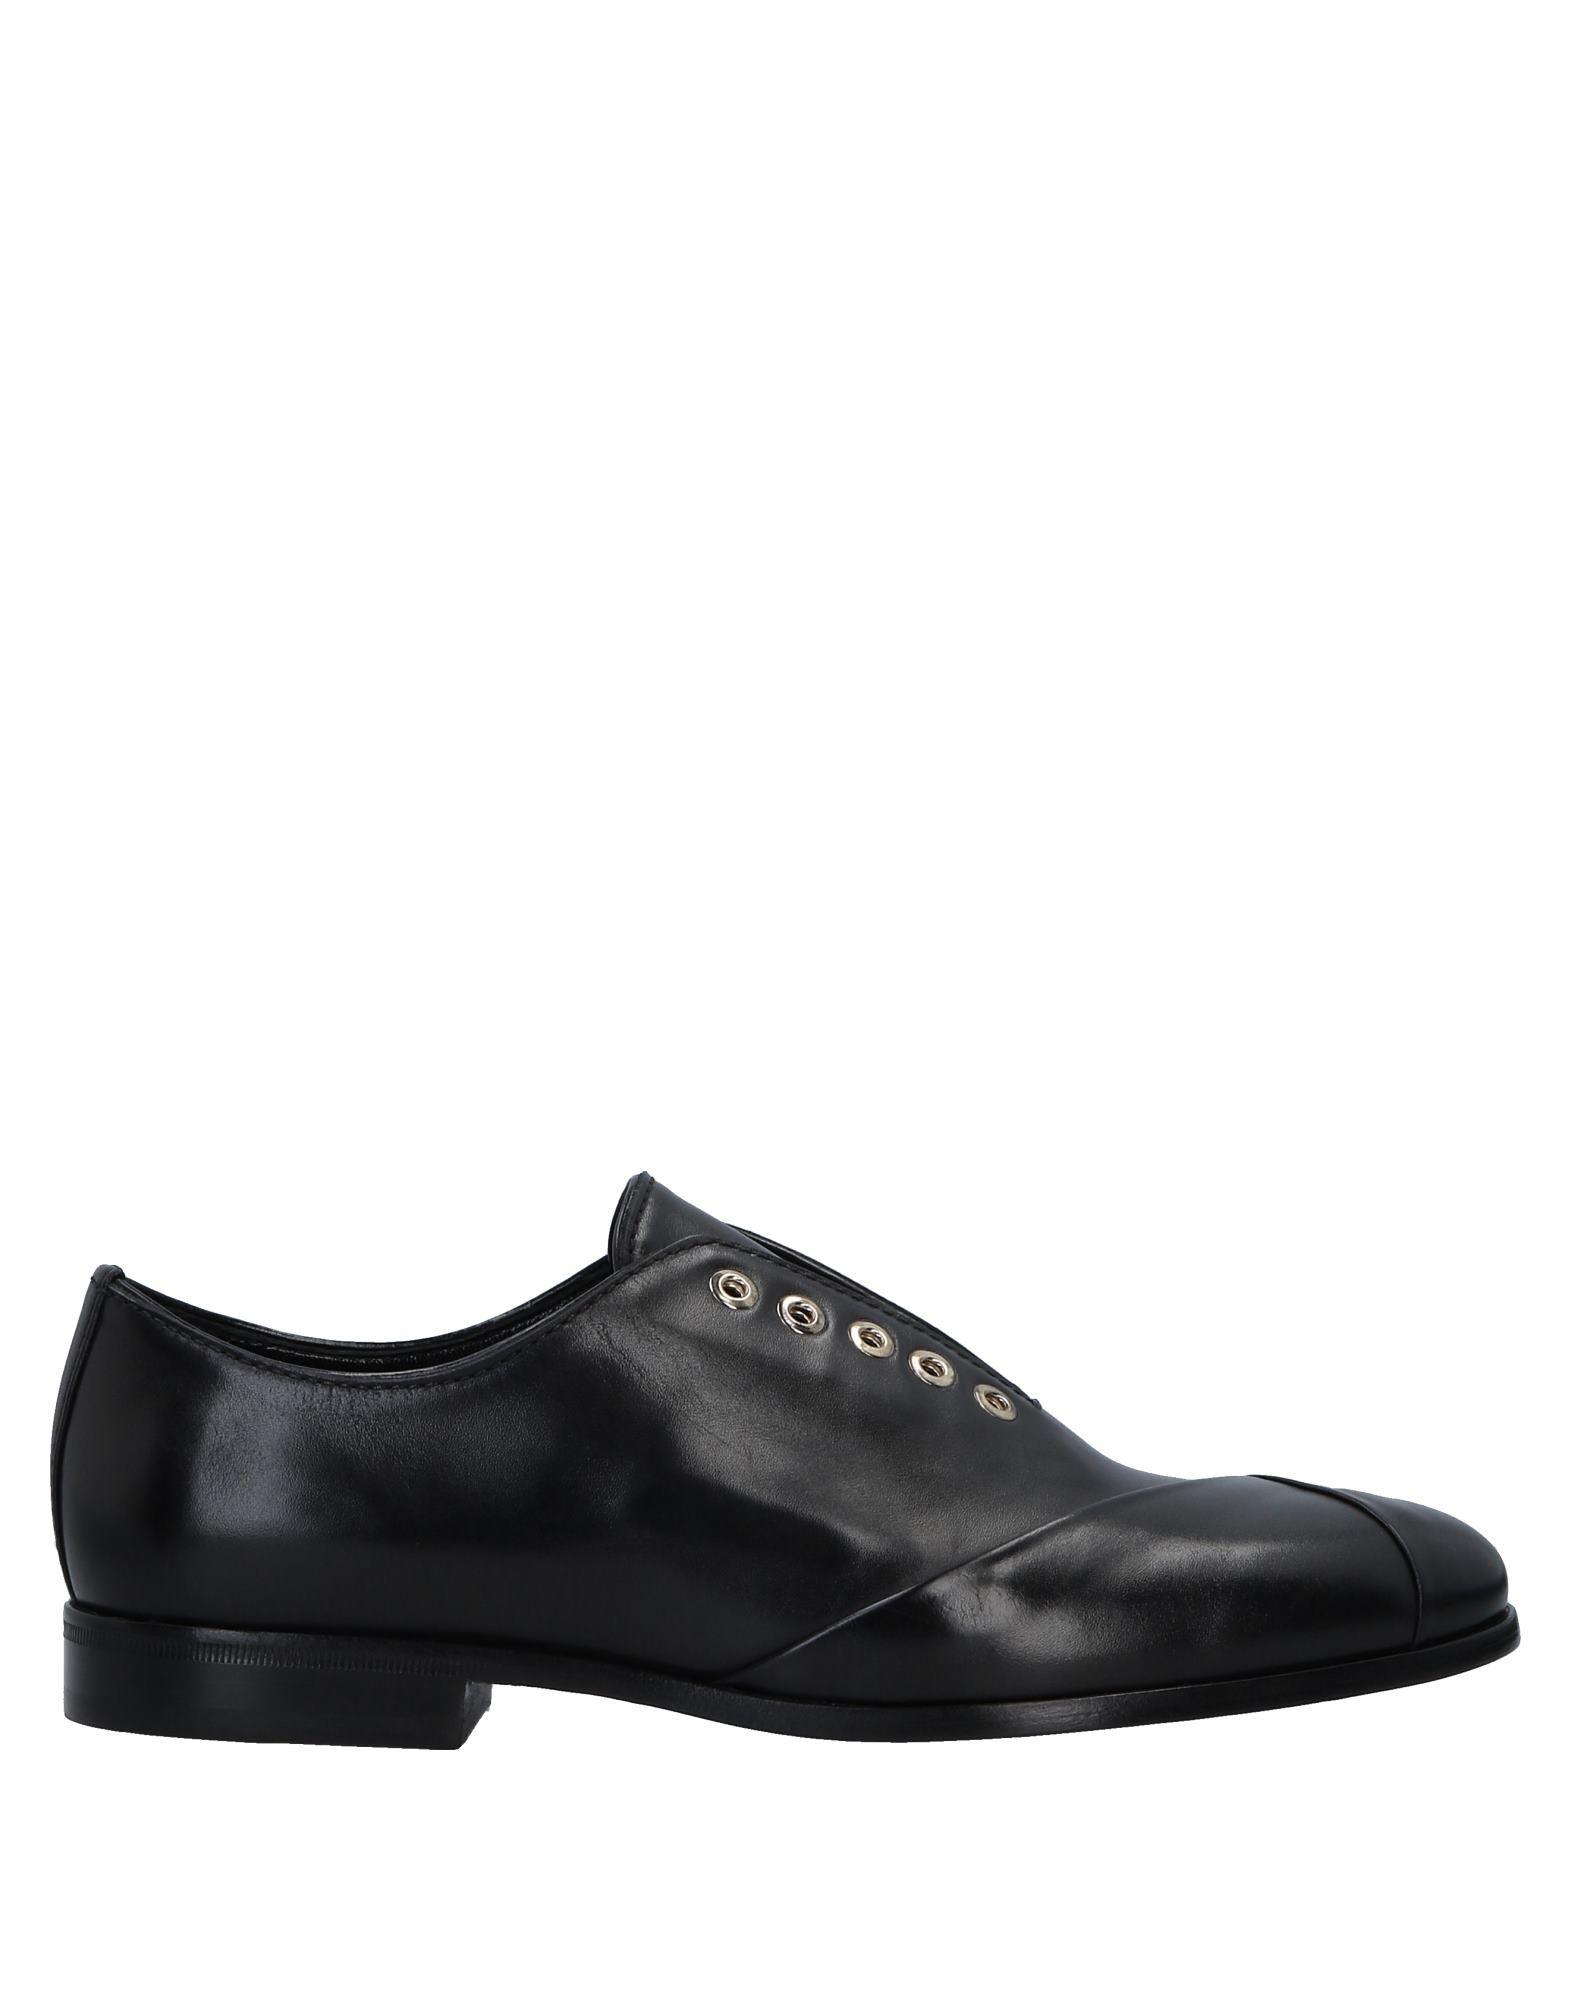 Lanvin Mokassins Damen  11541389KOGünstige gut aussehende Schuhe